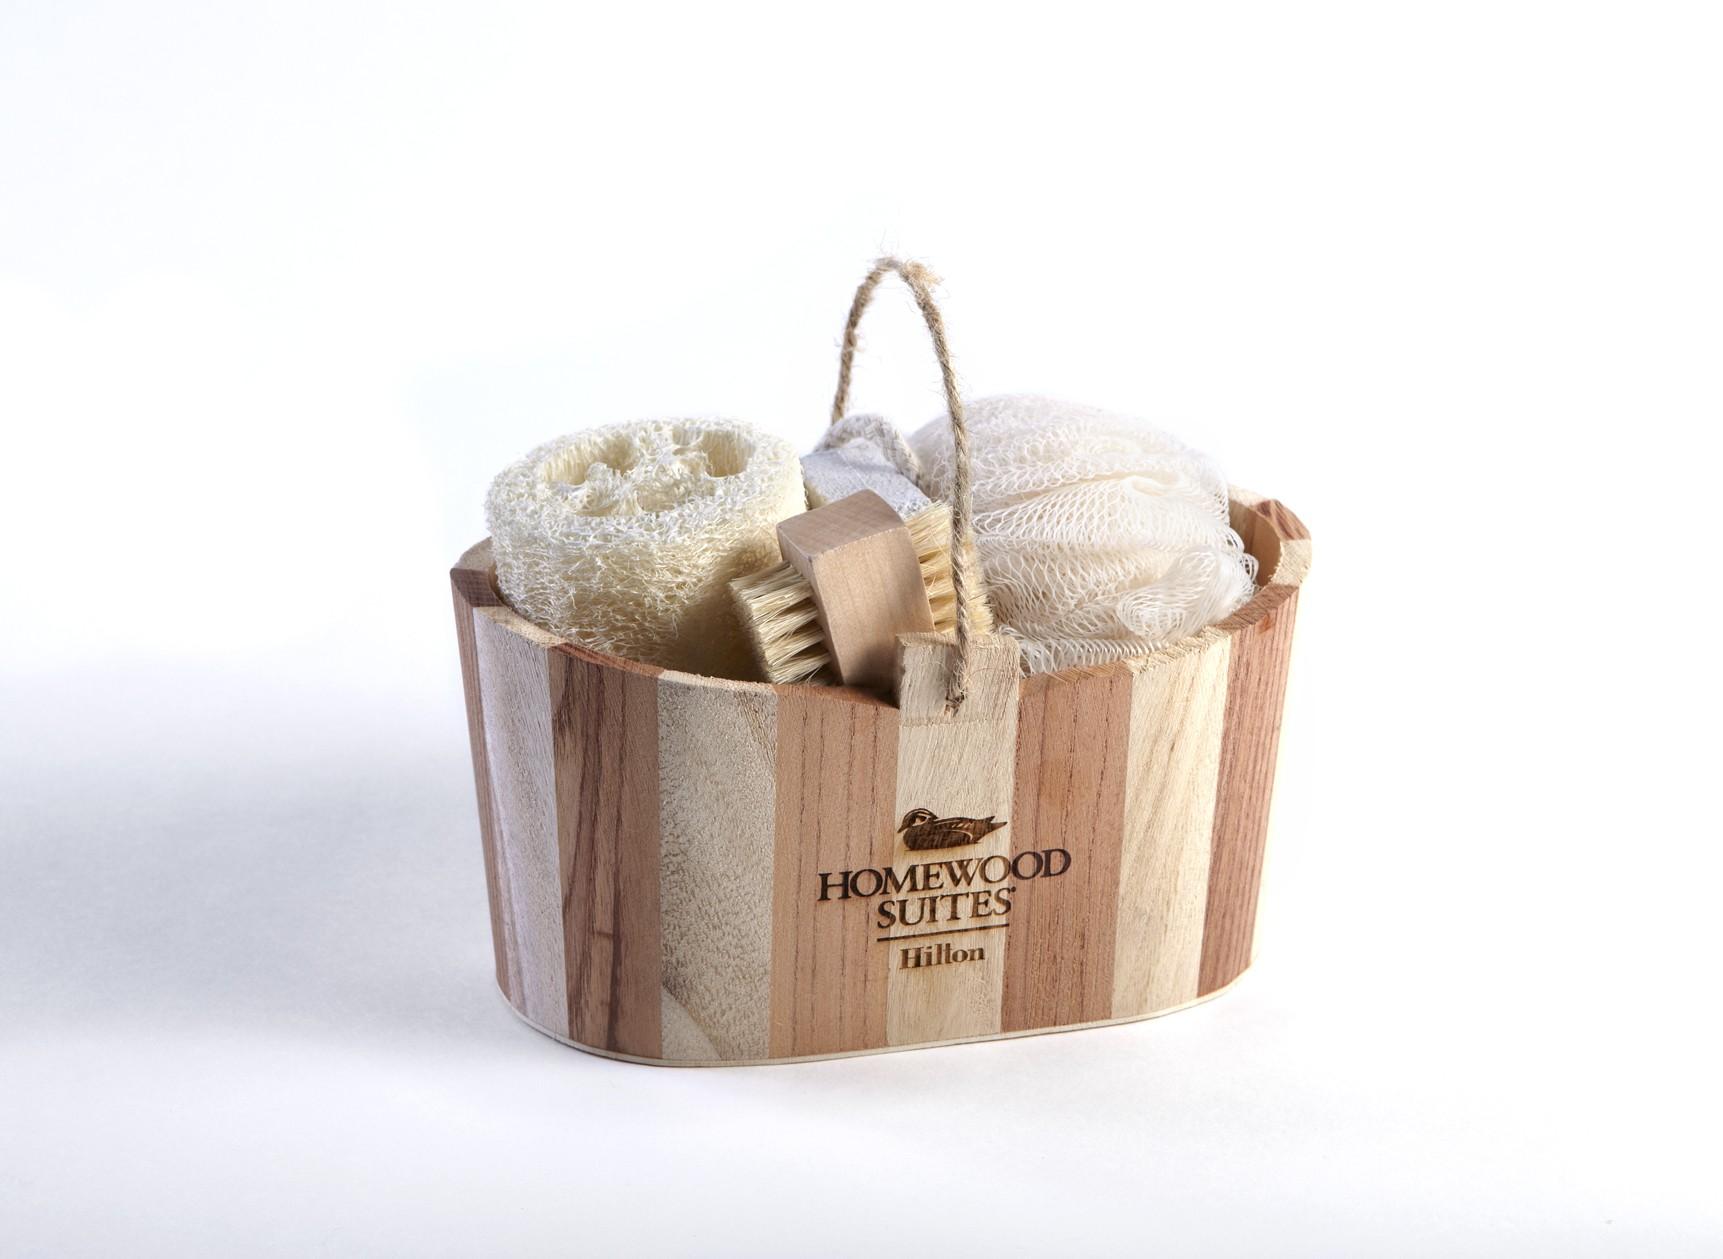 wooden tub spa gift set. Black Bedroom Furniture Sets. Home Design Ideas